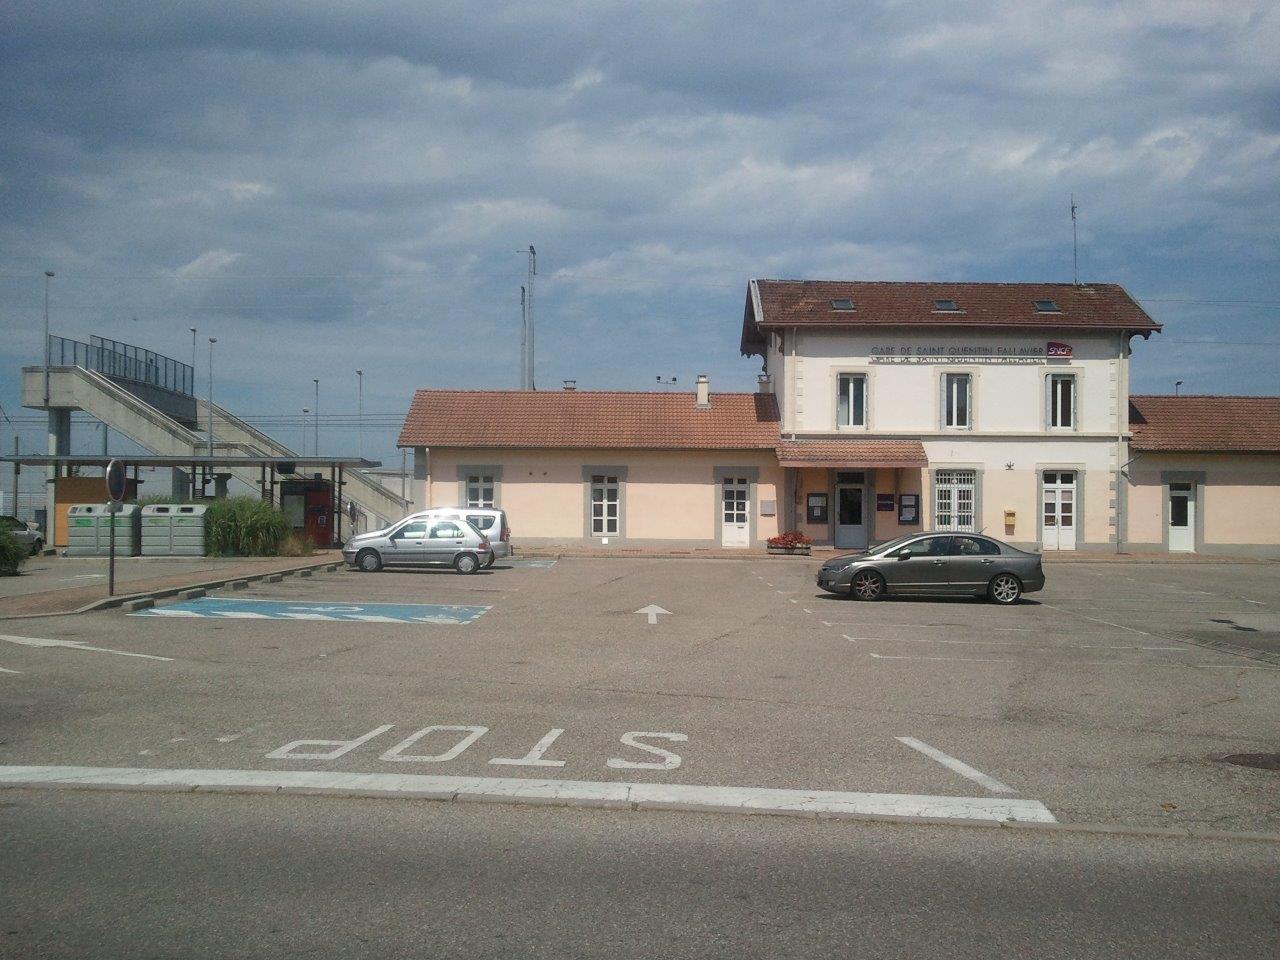 gare-de-saint-quentin-fallavier-train-station